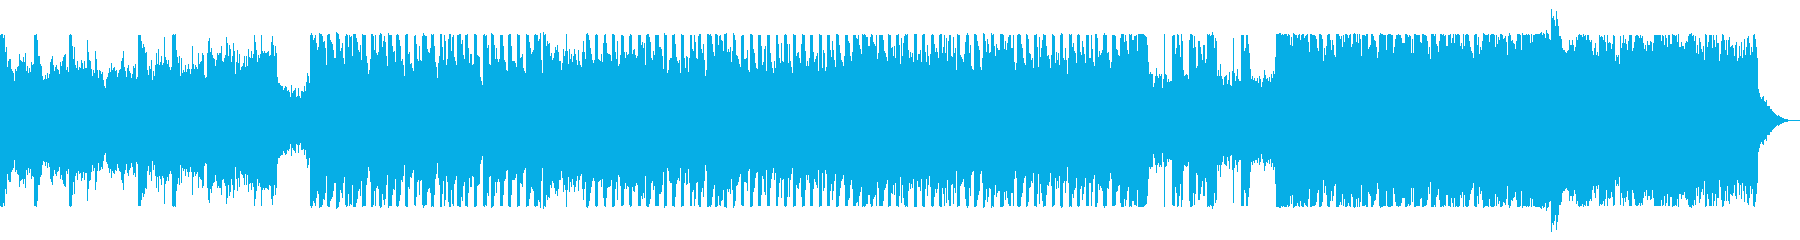 アナログシンセのハード・デジタルロックの再生済みの波形